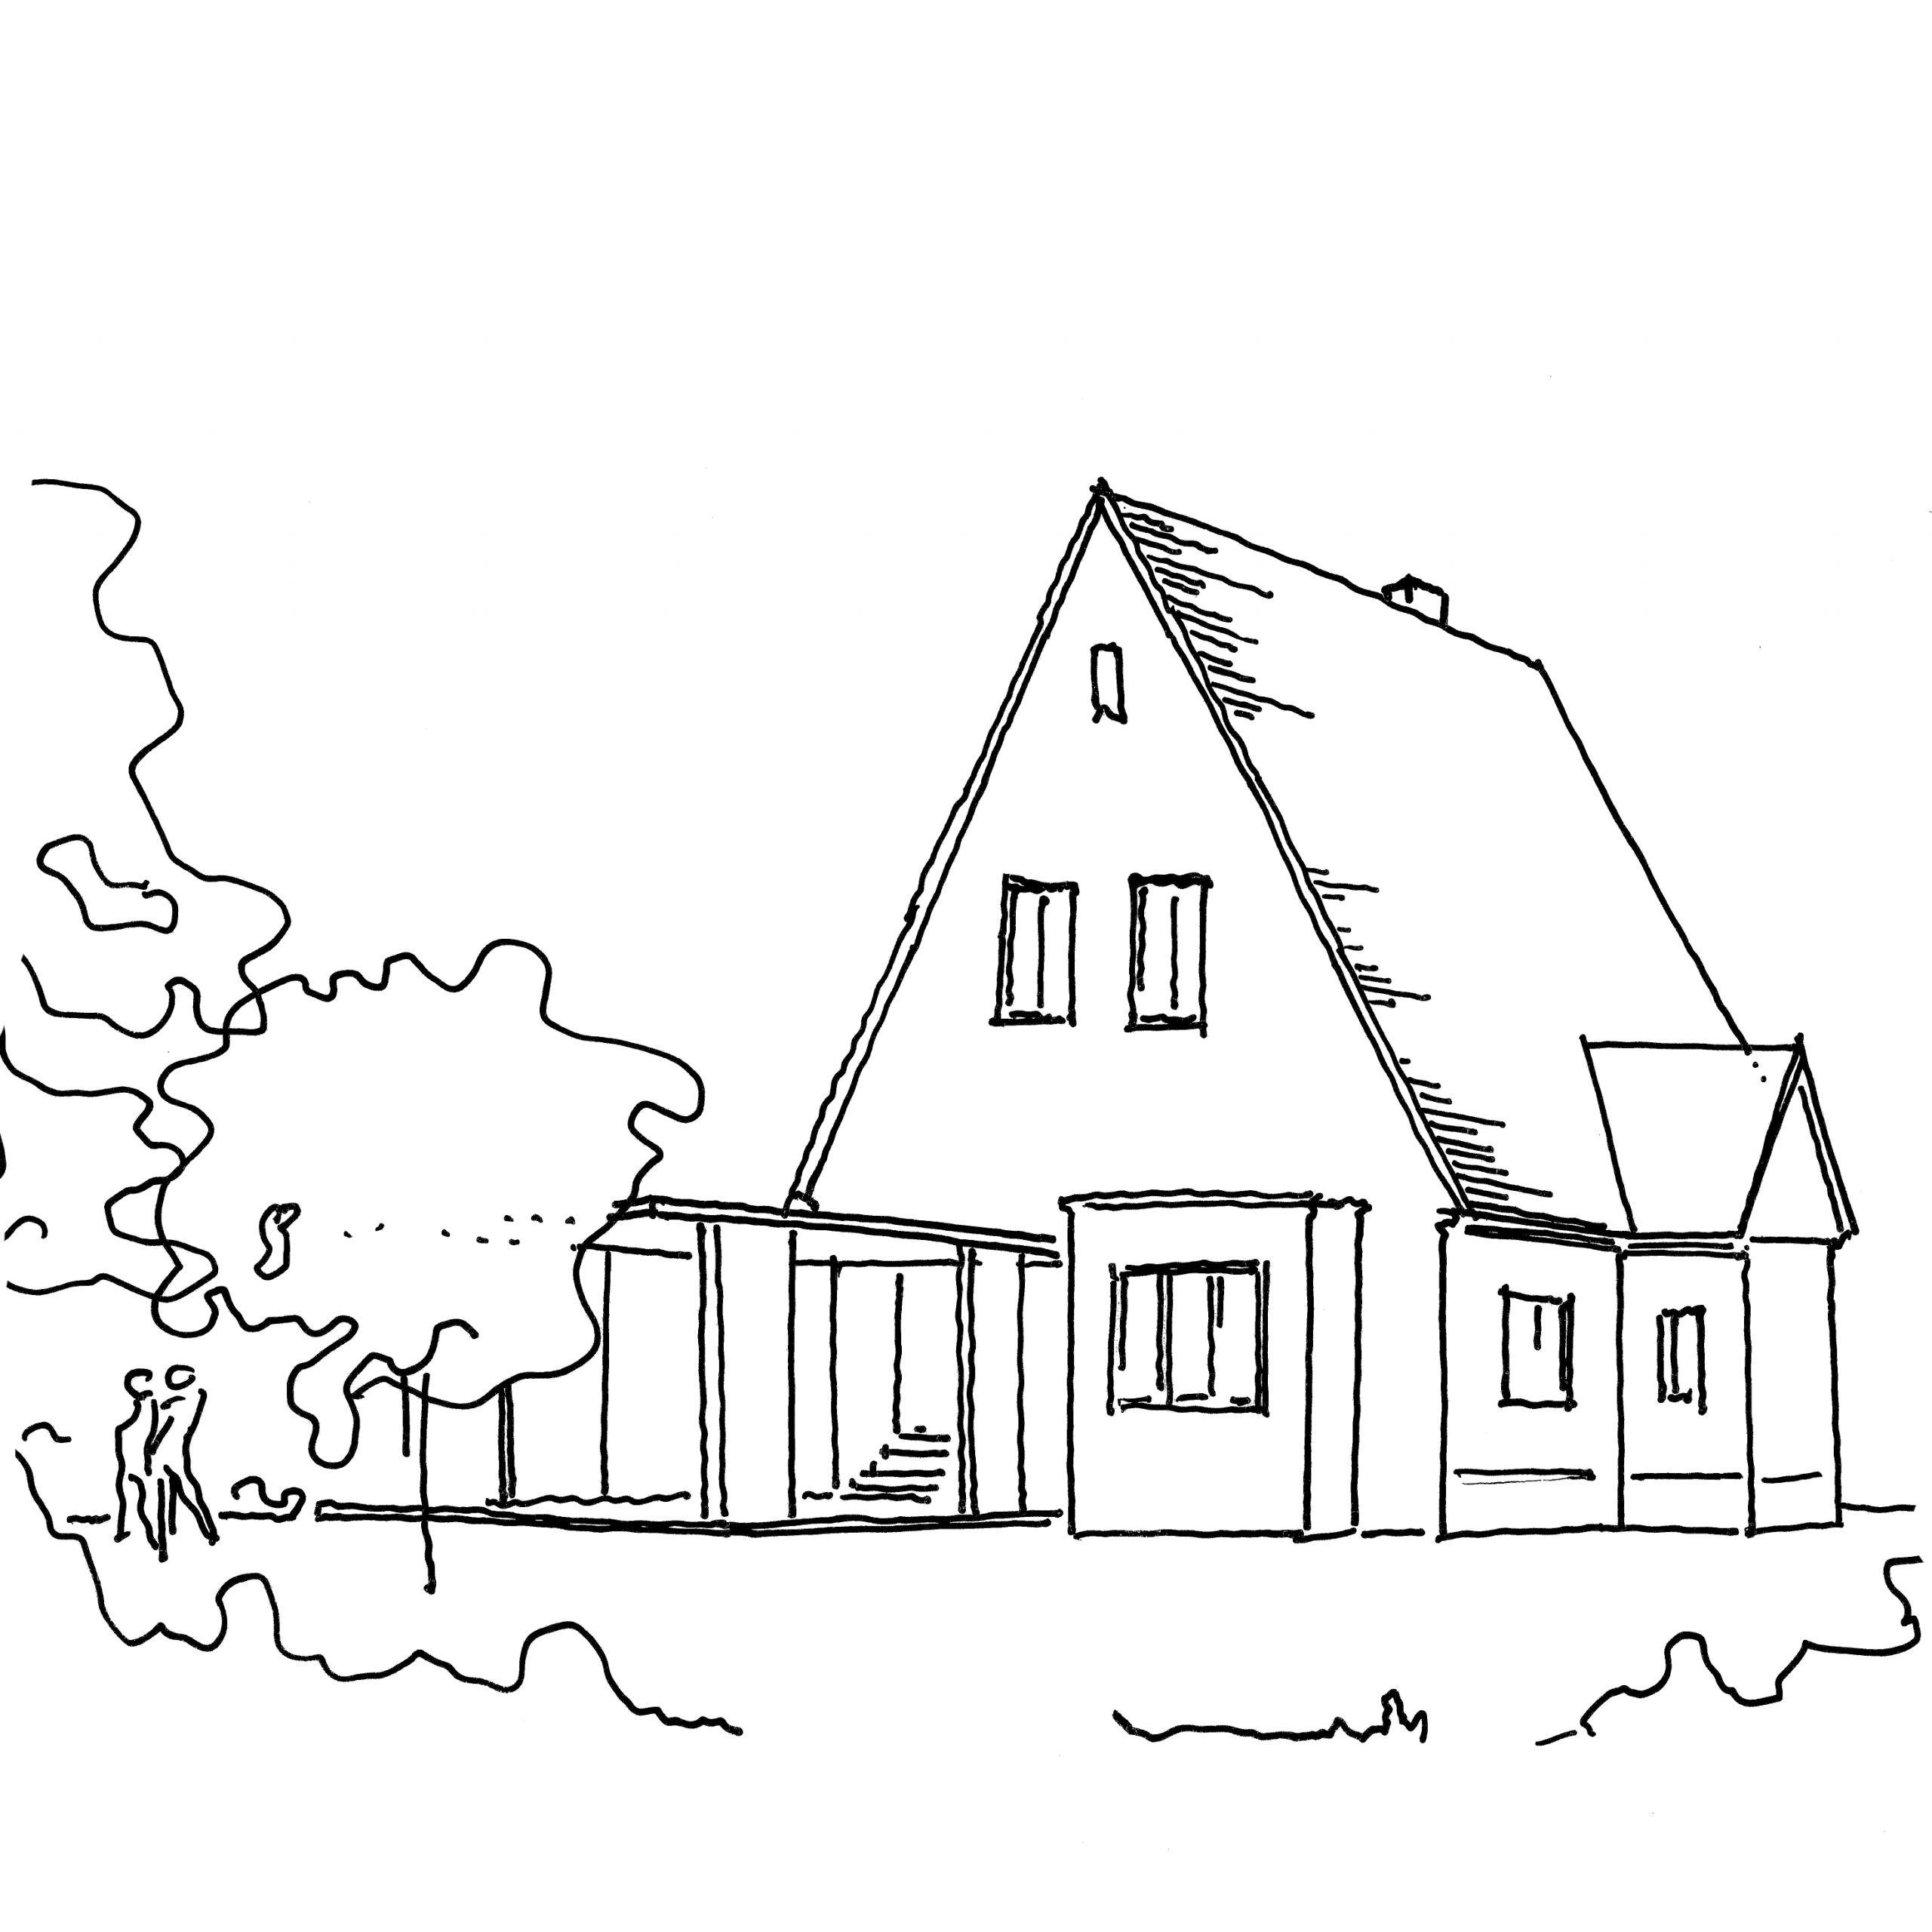 BW39, Erweiterung eines Siedlungshauses aus den 30er Jahren, 2011-2013, unrealisiert